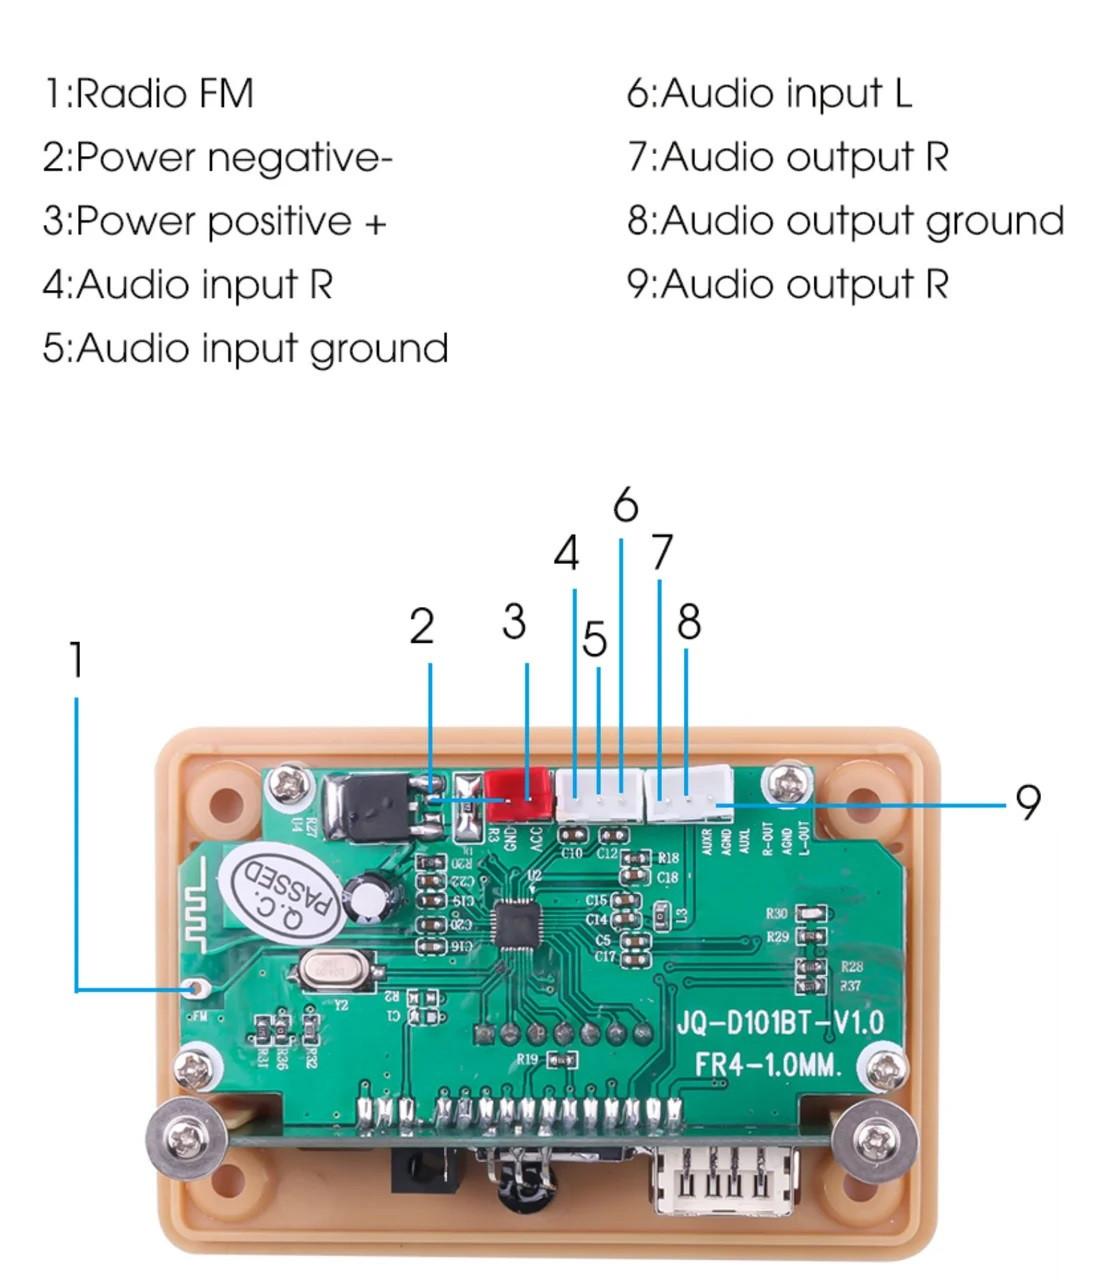 Автомобільний аудіоплеєр 5-12В. USB, MP3, FM, AUX, TF, Bluetooth 5.0